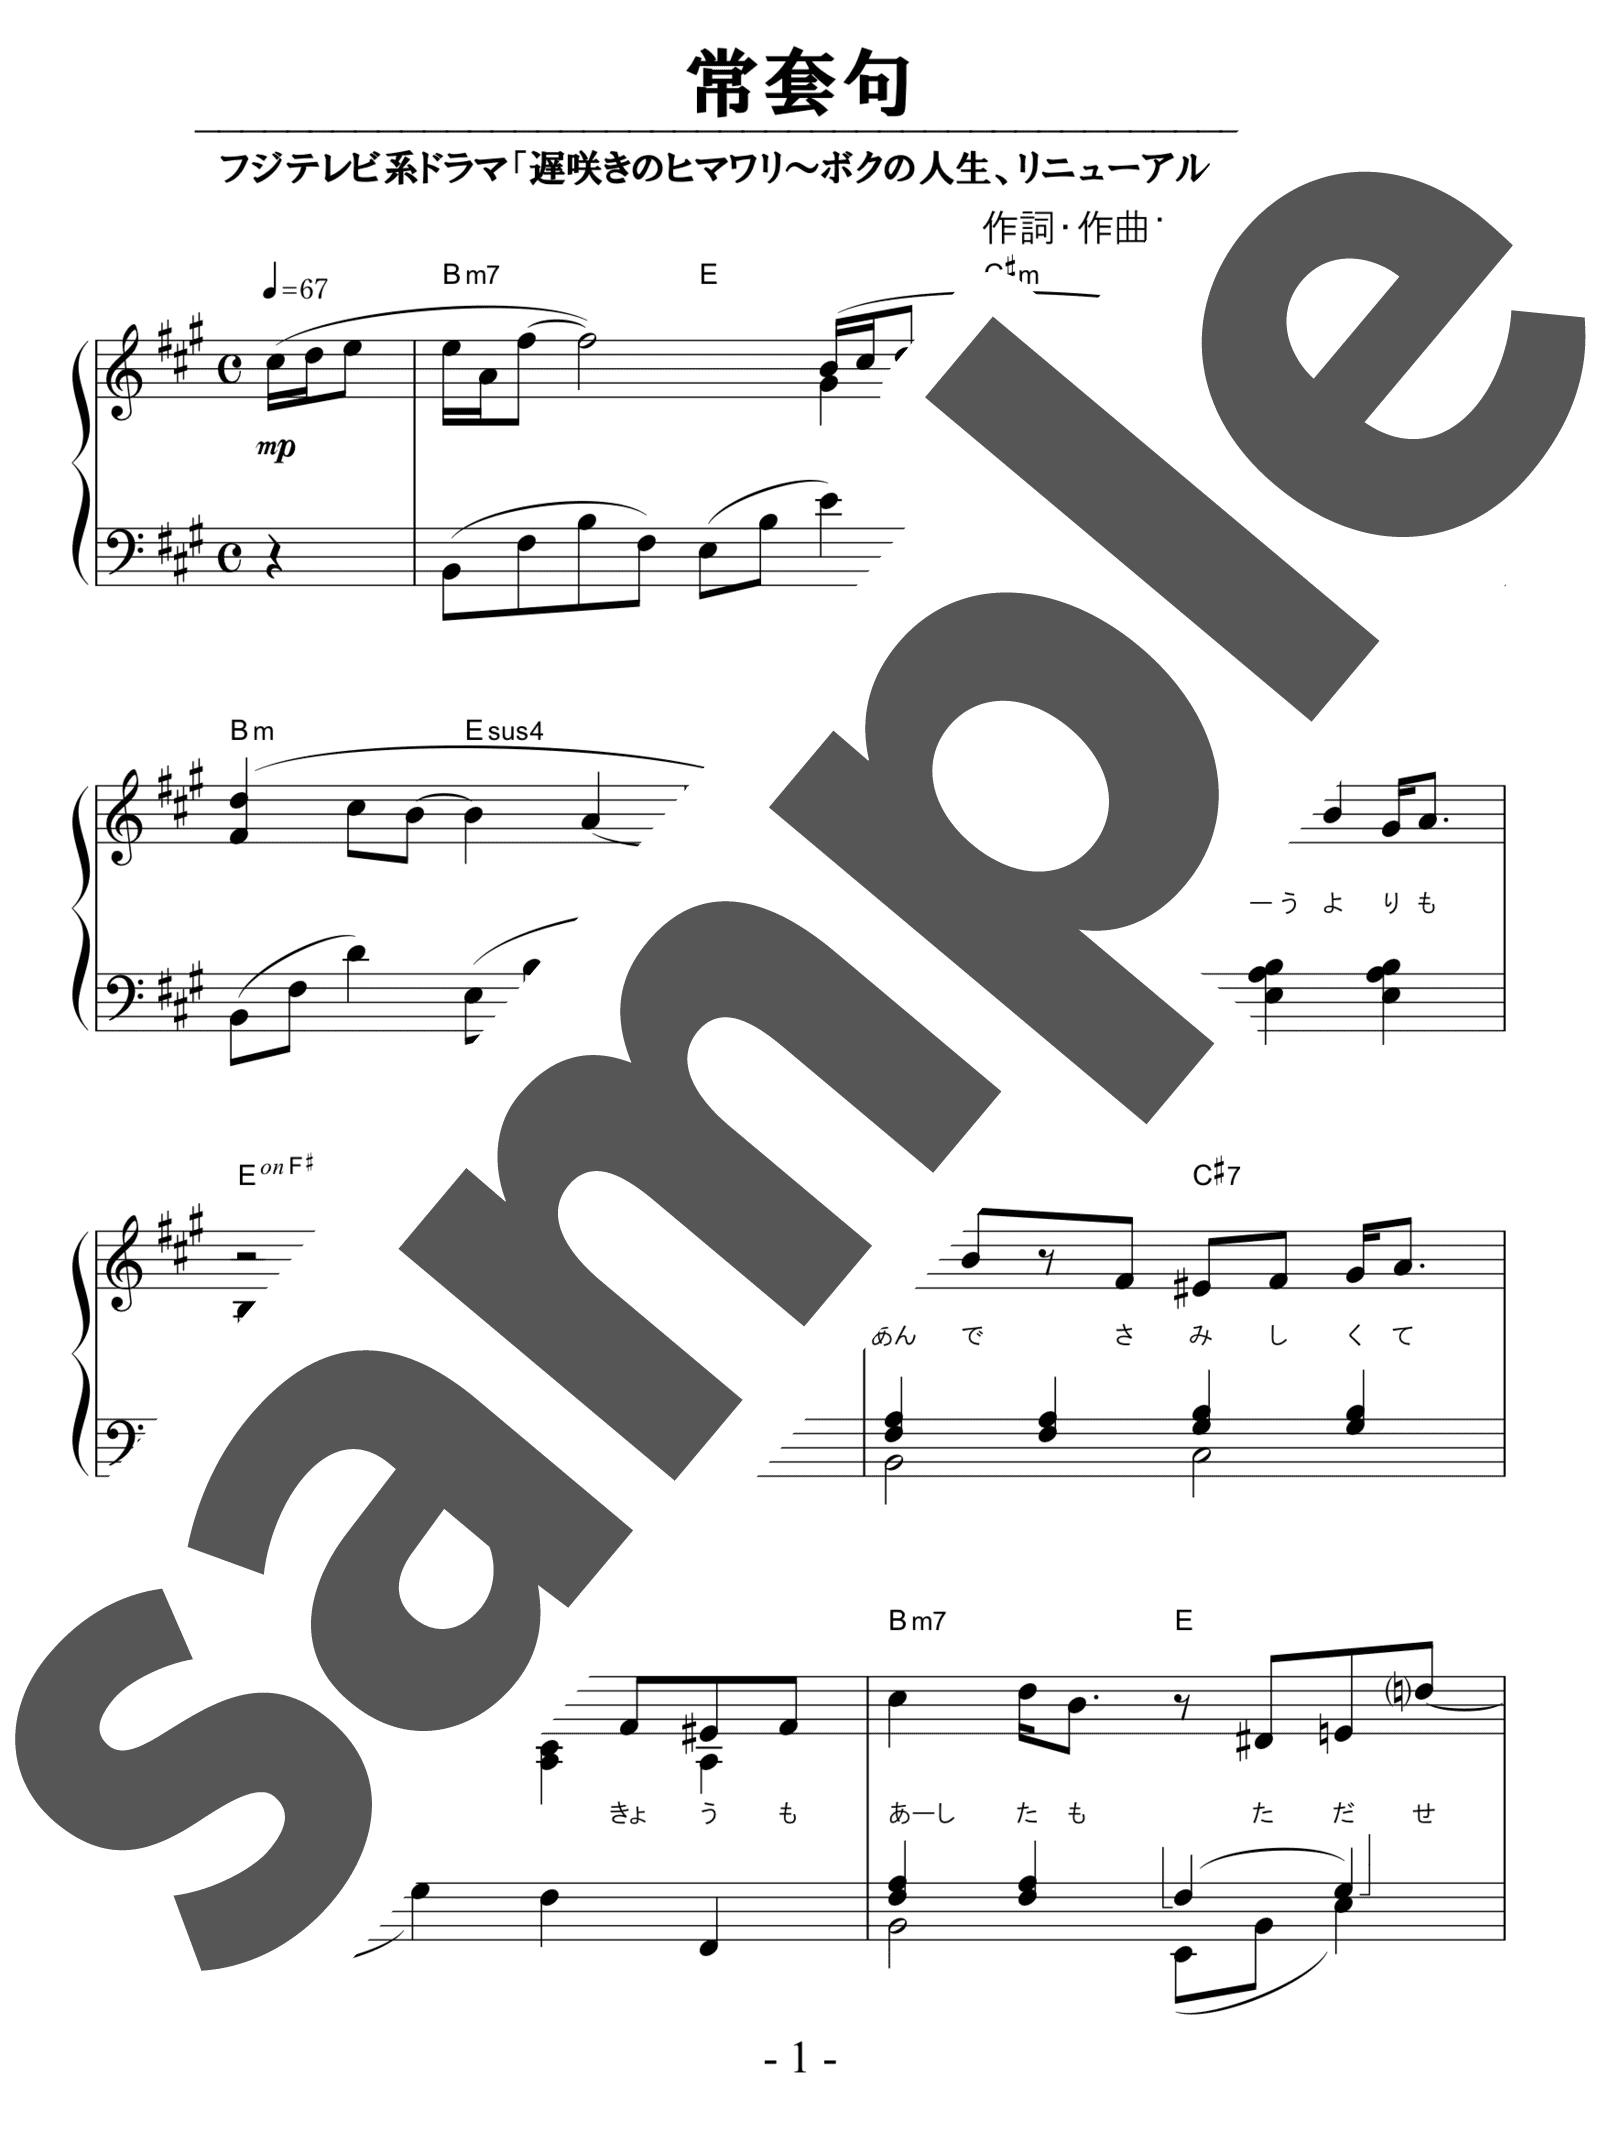 「常套句」のサンプル楽譜